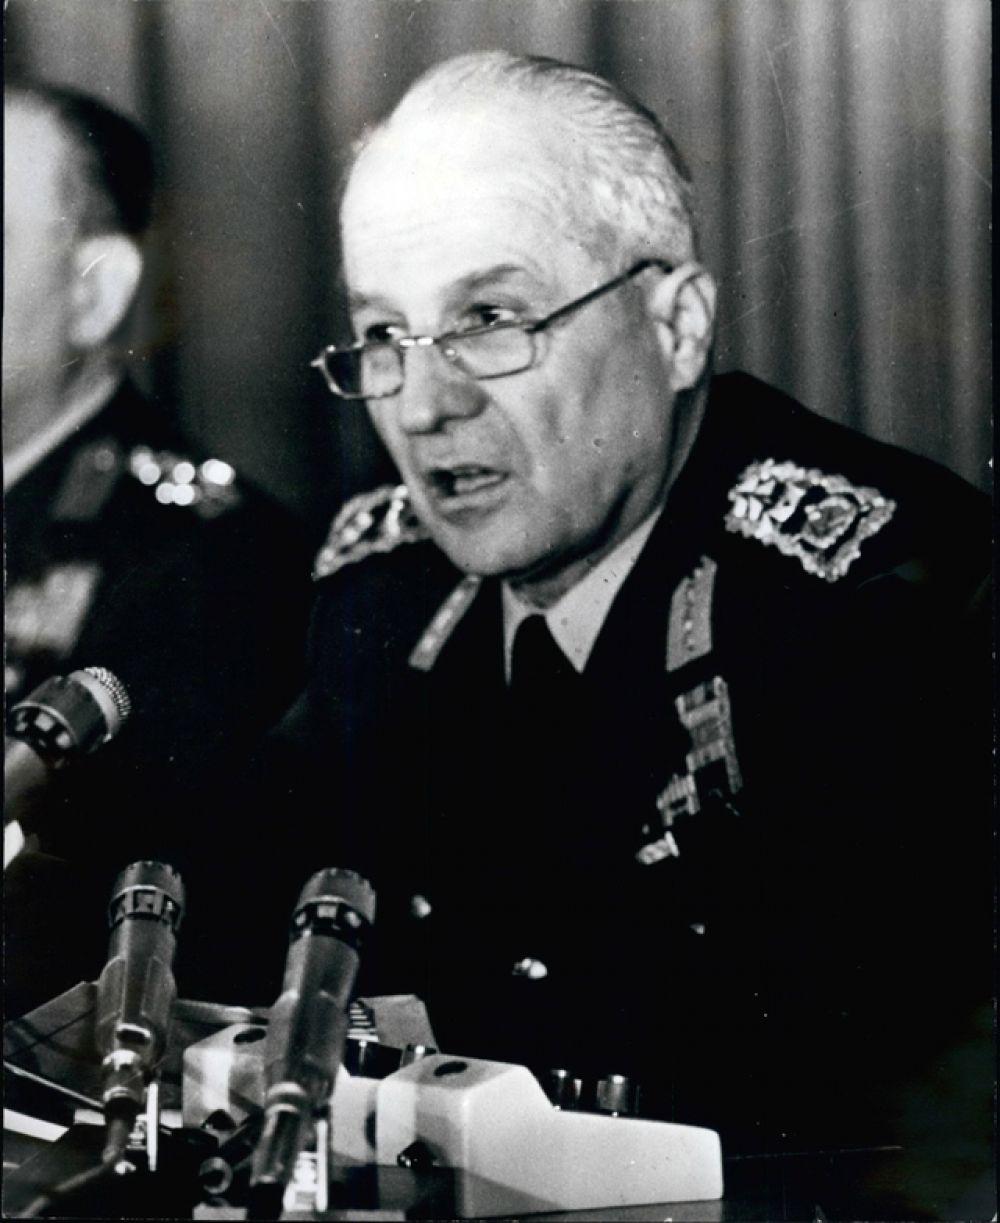 В 1980 году военные под командованием главы генерального штаба генерала Кенана Эврена (на фото) объявили о смещении правительства. Причиной переворота стали вооруженные конфликты в стране между правыми и левыми.